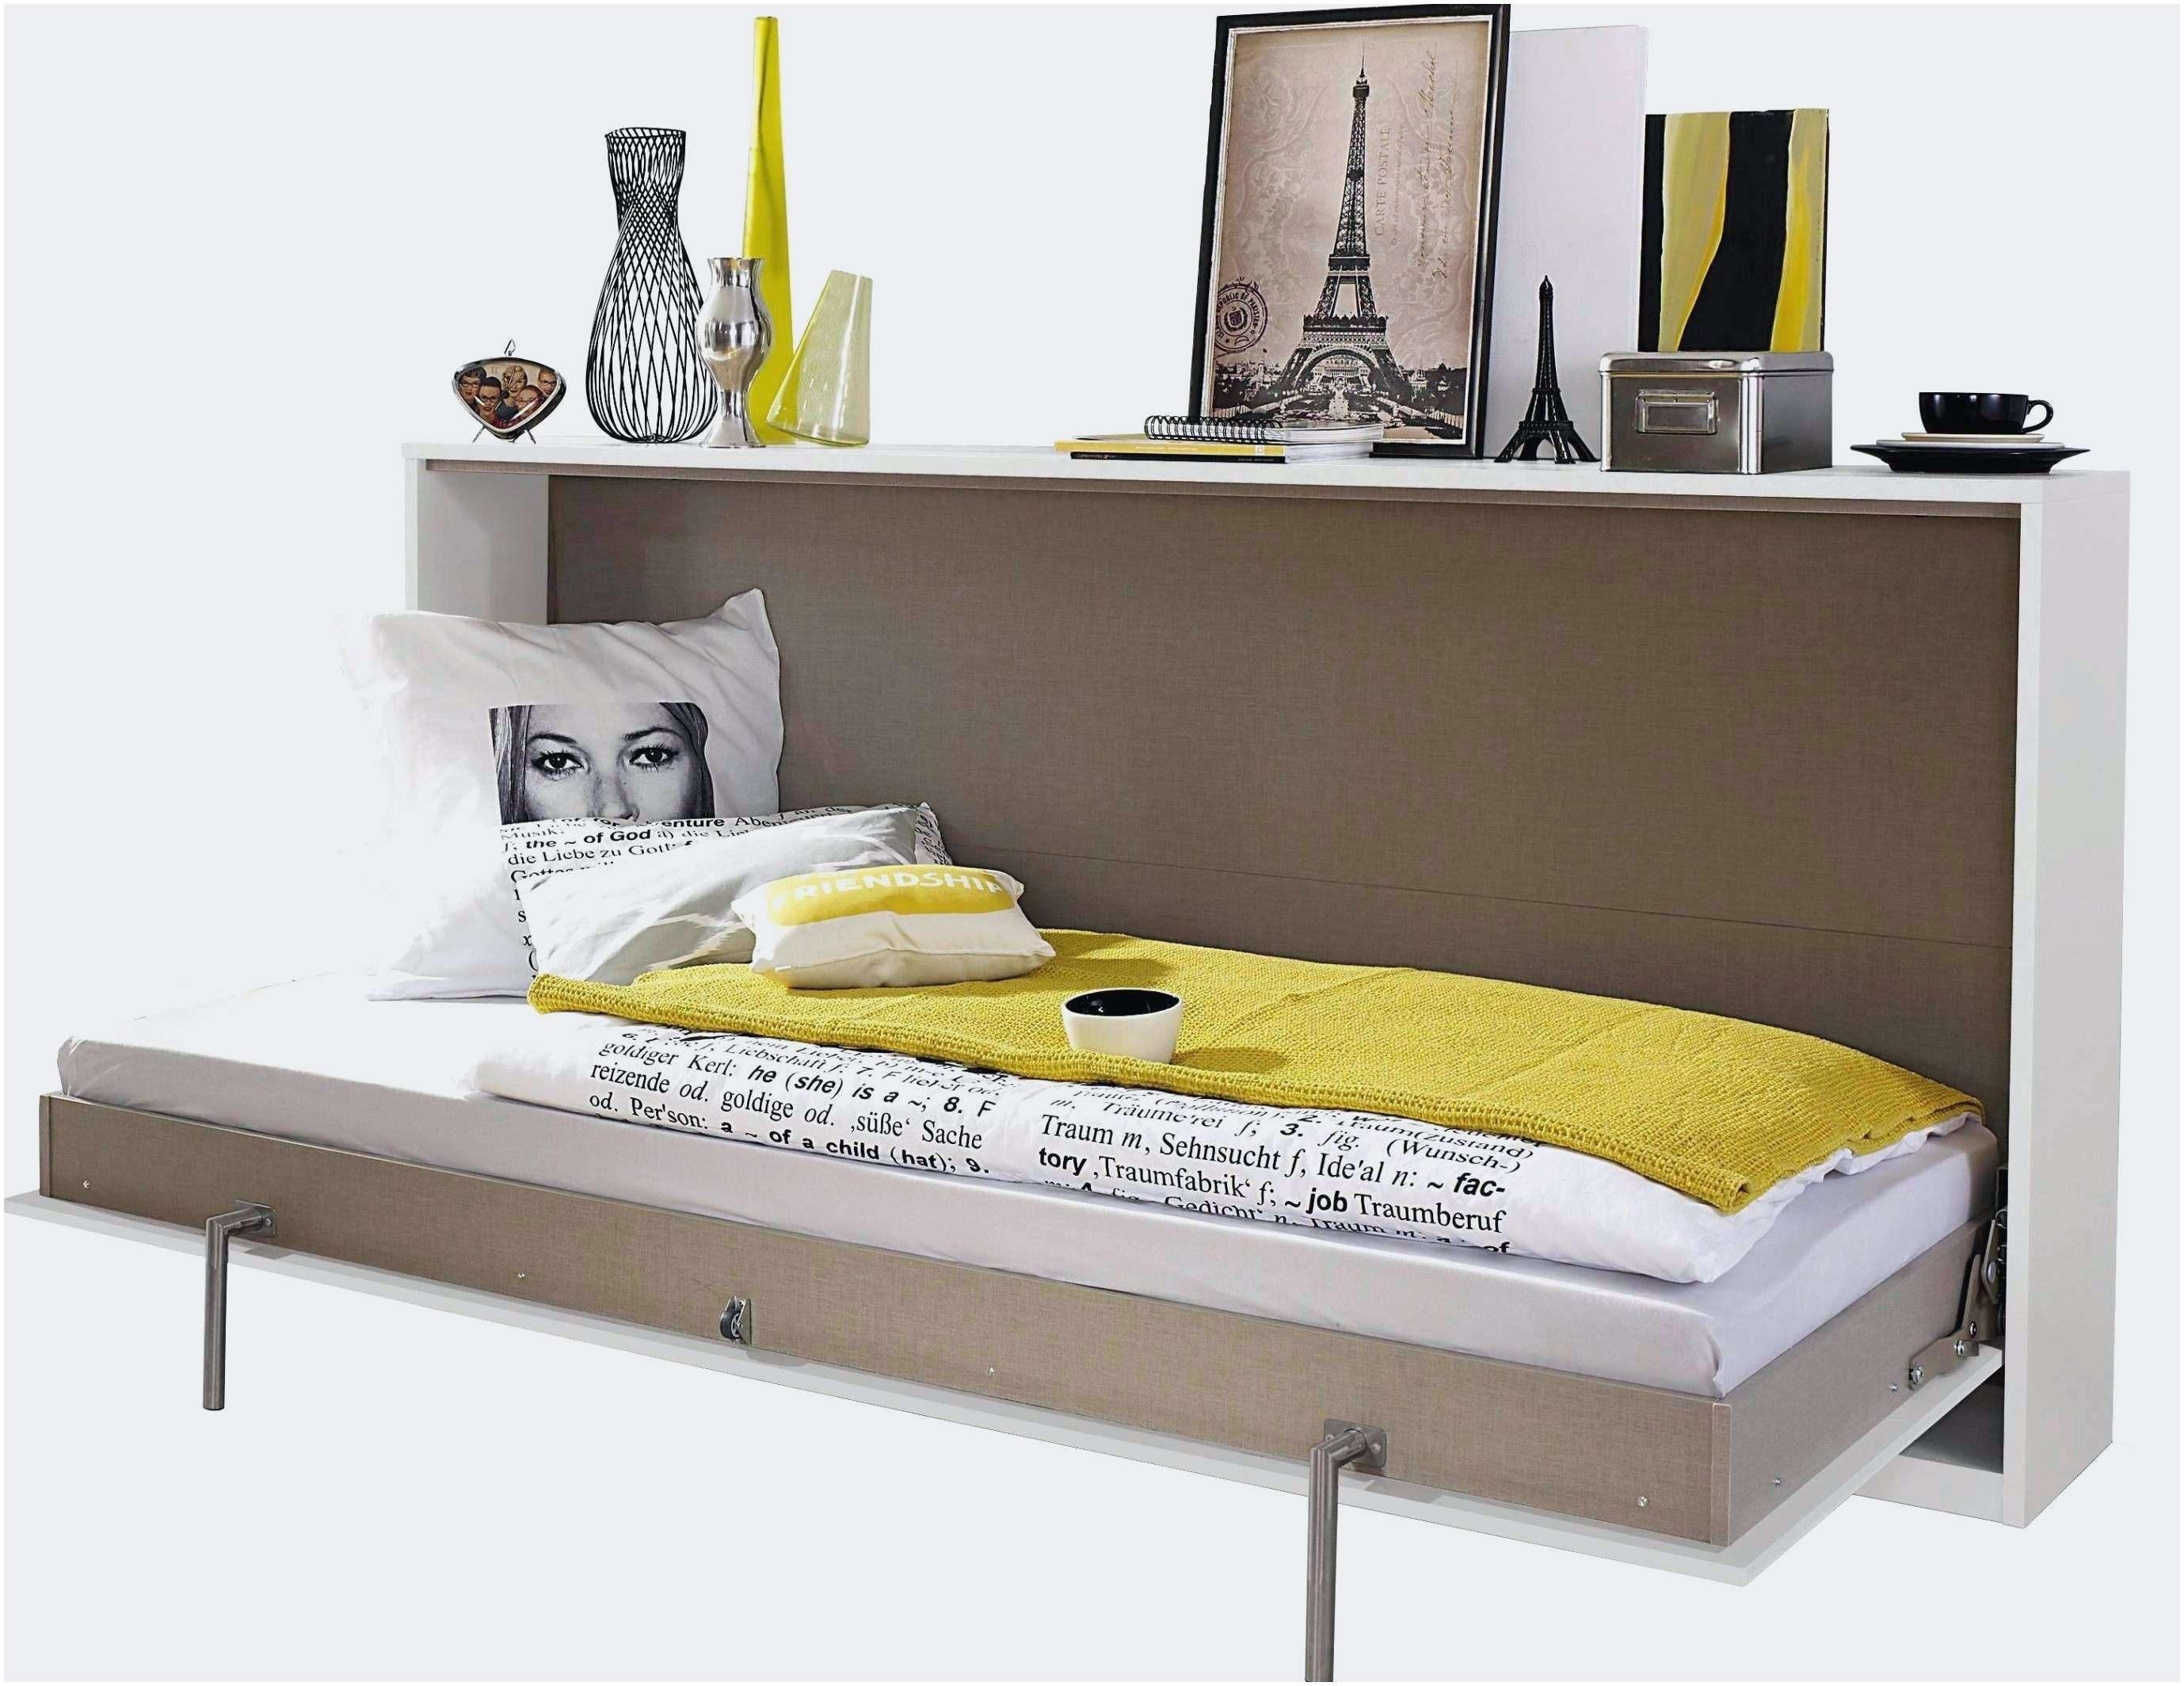 Sommier Tete De Lit 160×200 Agréable Frais Lit Design 160—200 Primaire Collection sommier Matelas 160—200